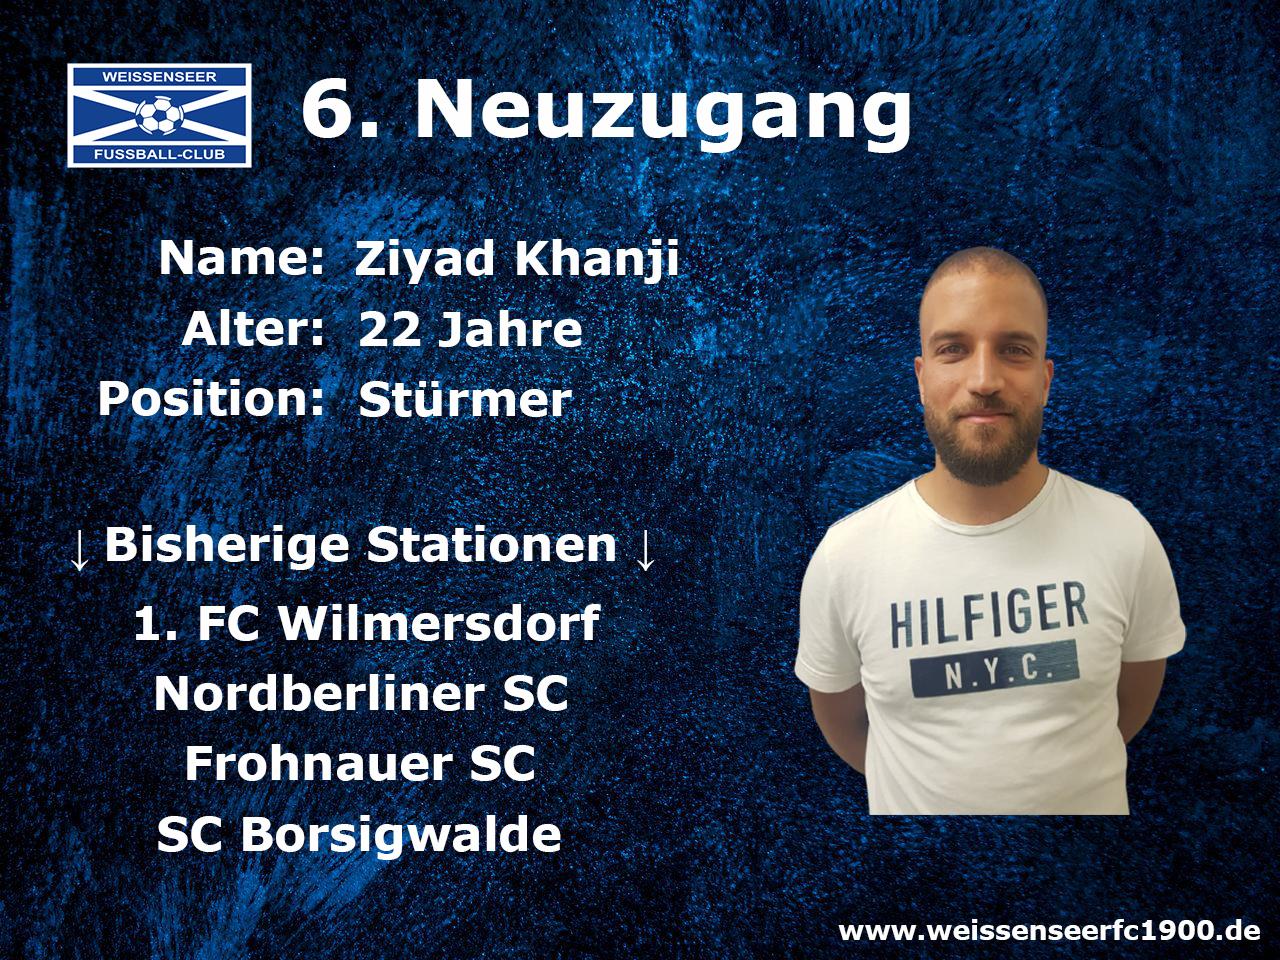 Weiterer Stürmer verstärkt Landesliga-Team